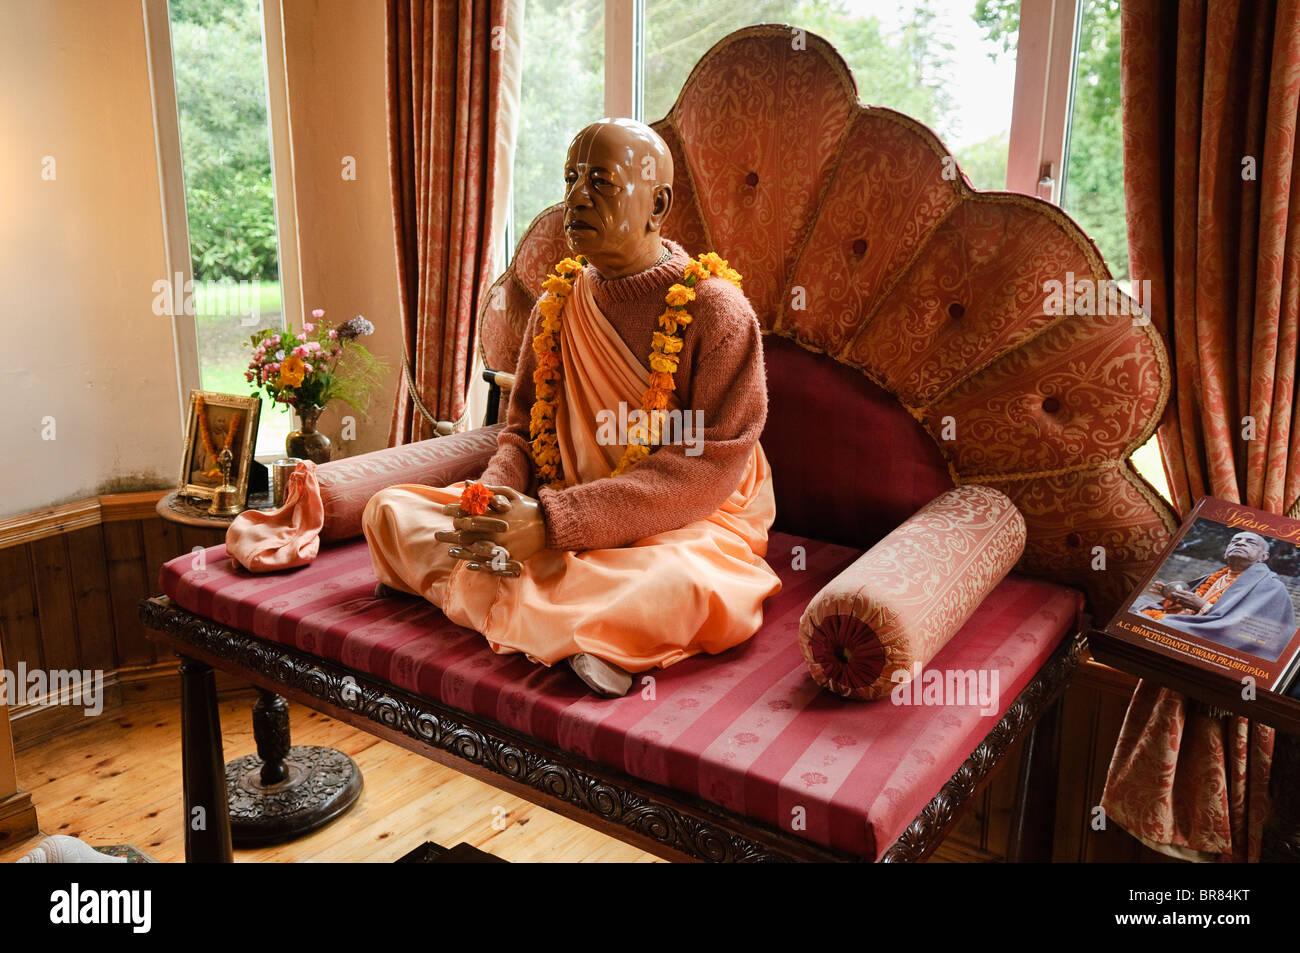 Statue von AC Bhaktivedanta Swami Prabhupada, Gründer der Hare-Krishna-Bewegung, in einem Tempel-Raum. Stockfoto